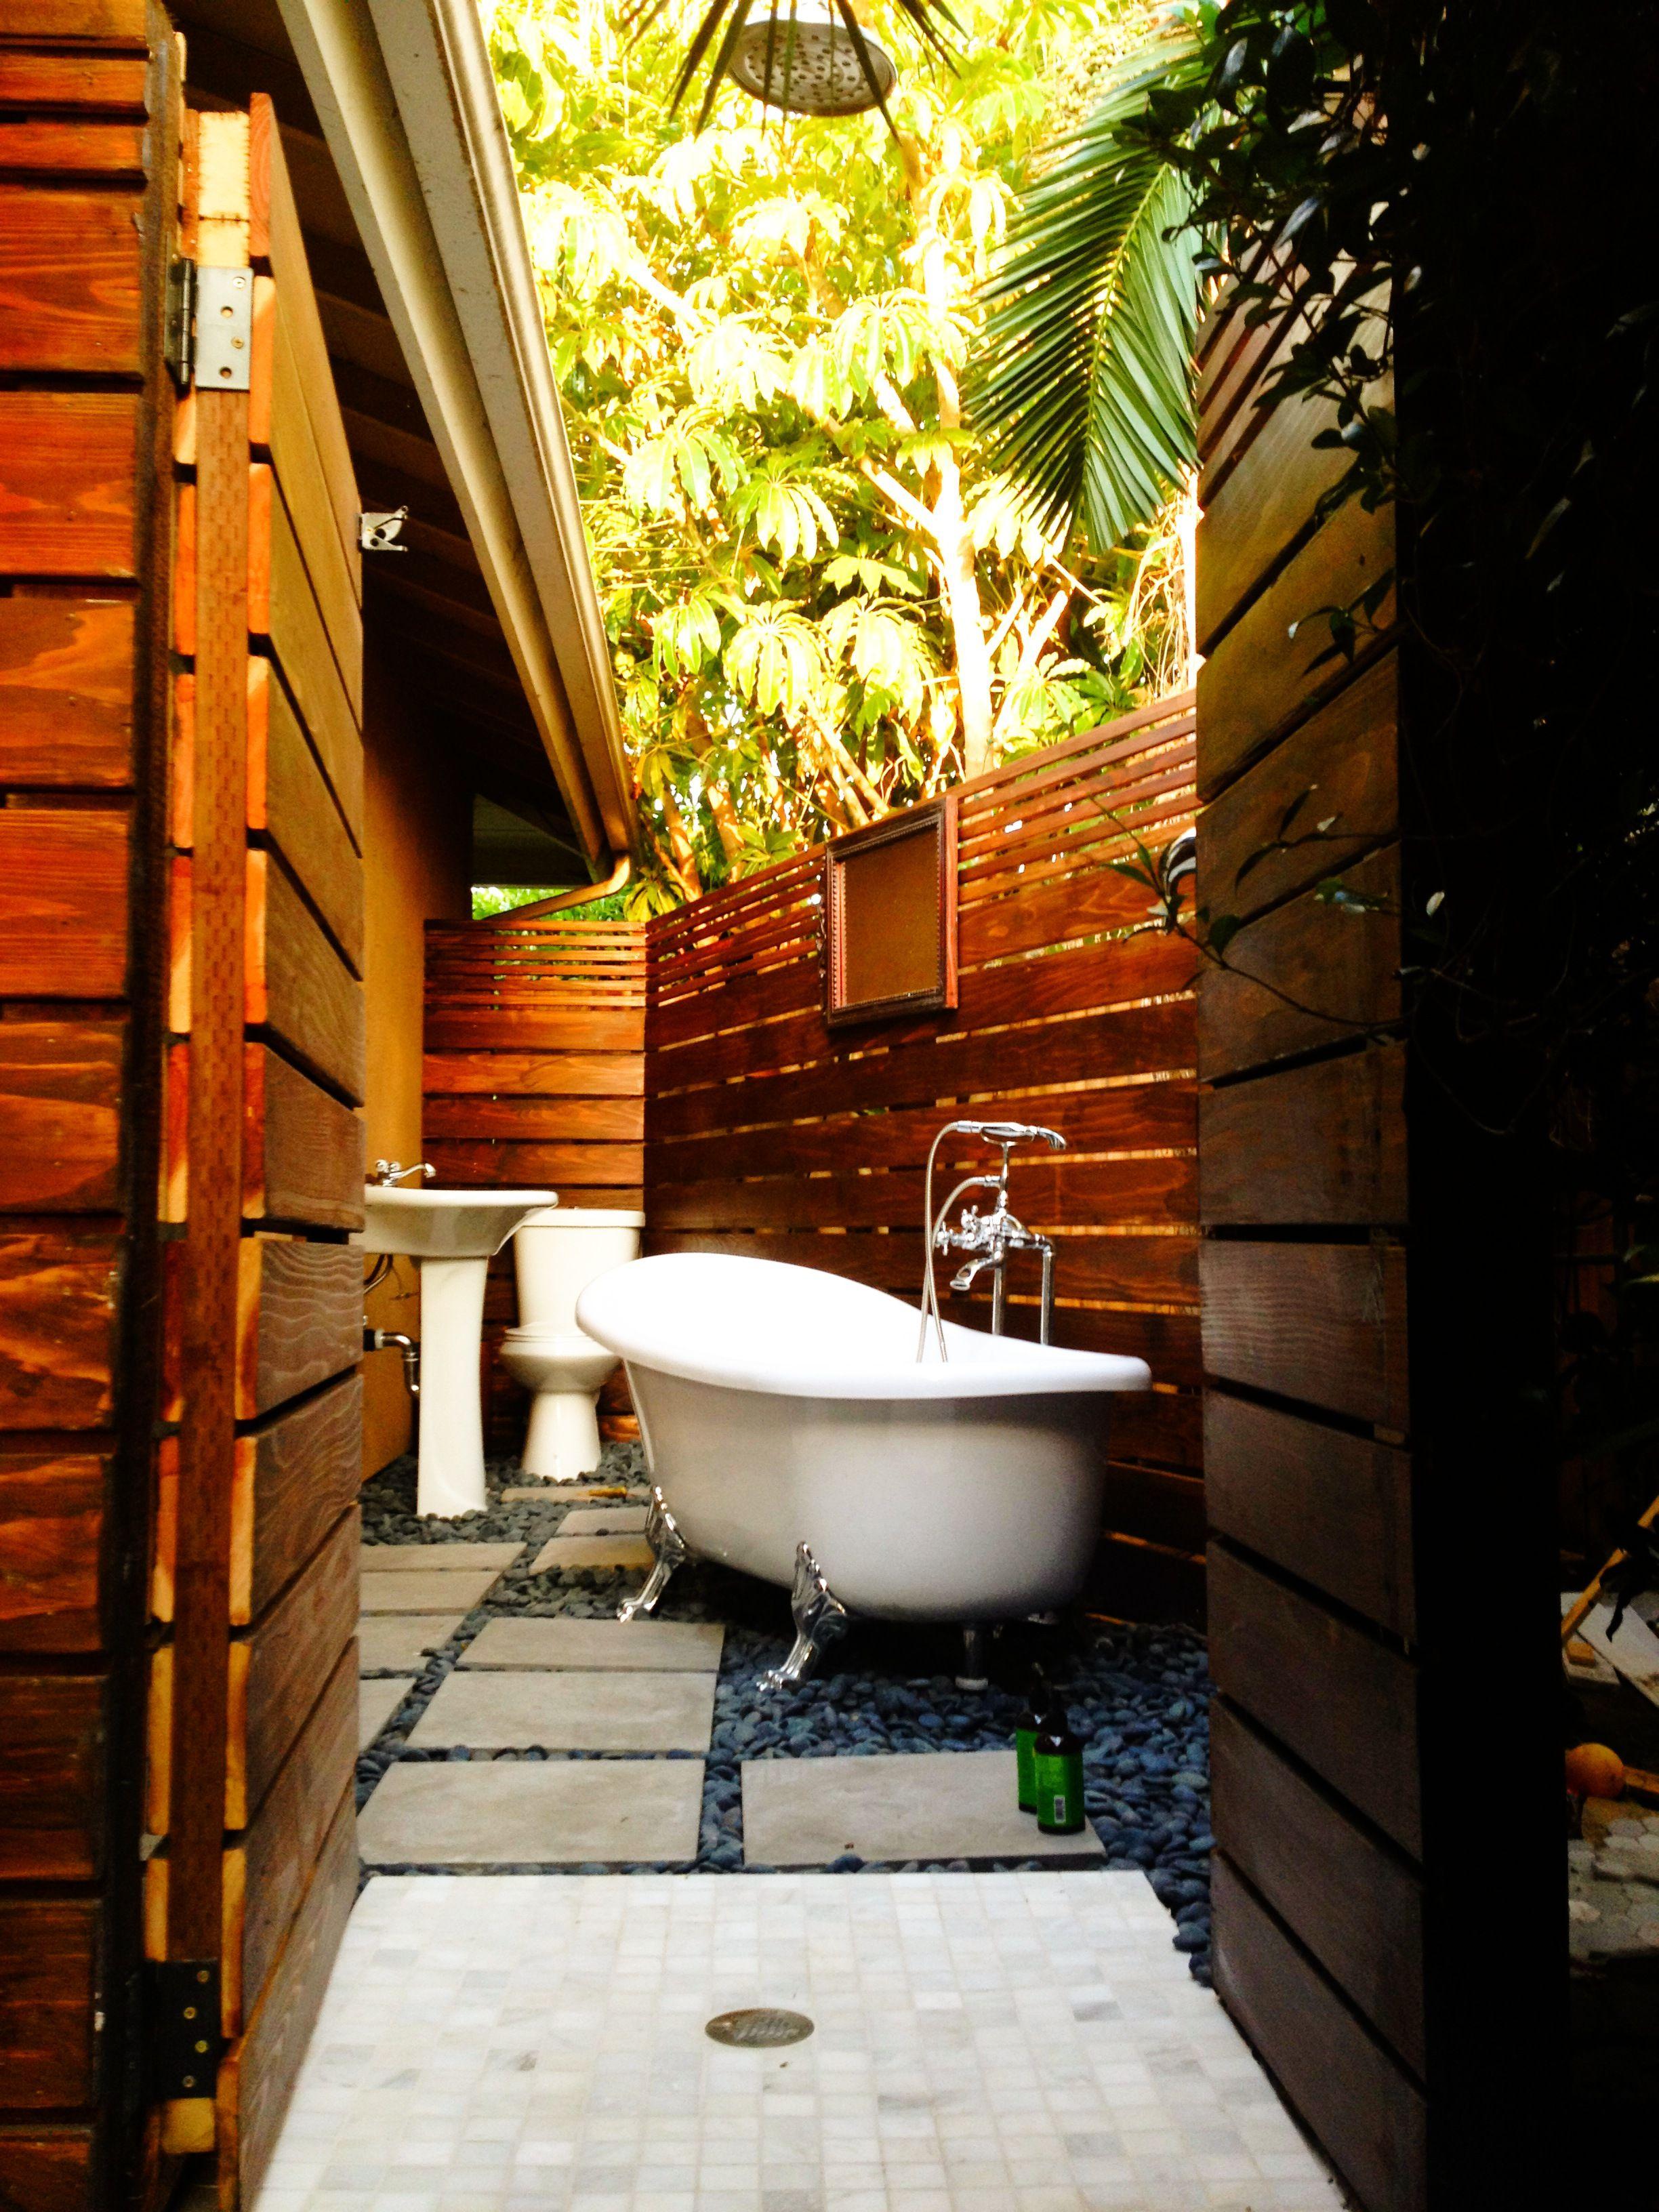 Inspiring 45 Outdoor Bathroom Designs That You Gonna Love : 45 Inspiring Outdoor  Bathroom Designs With Wooden Bathroom Wall And White Bathtub Wash Basin ...